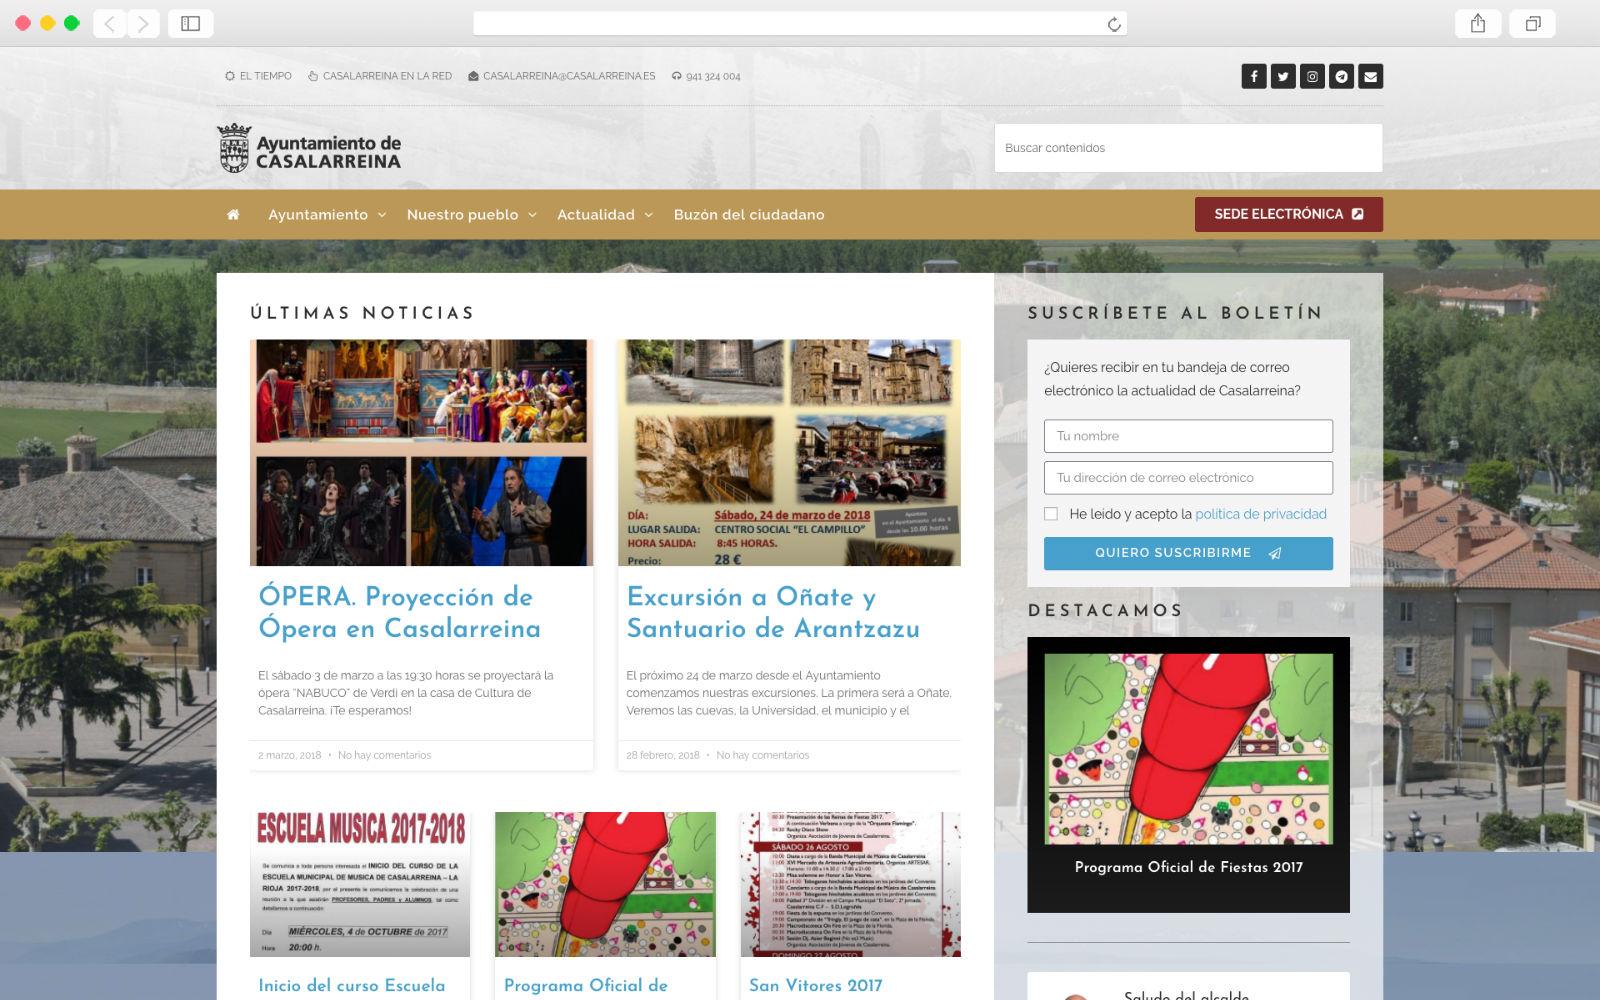 Sitio Web del Ayuntamiento de Casalarreina